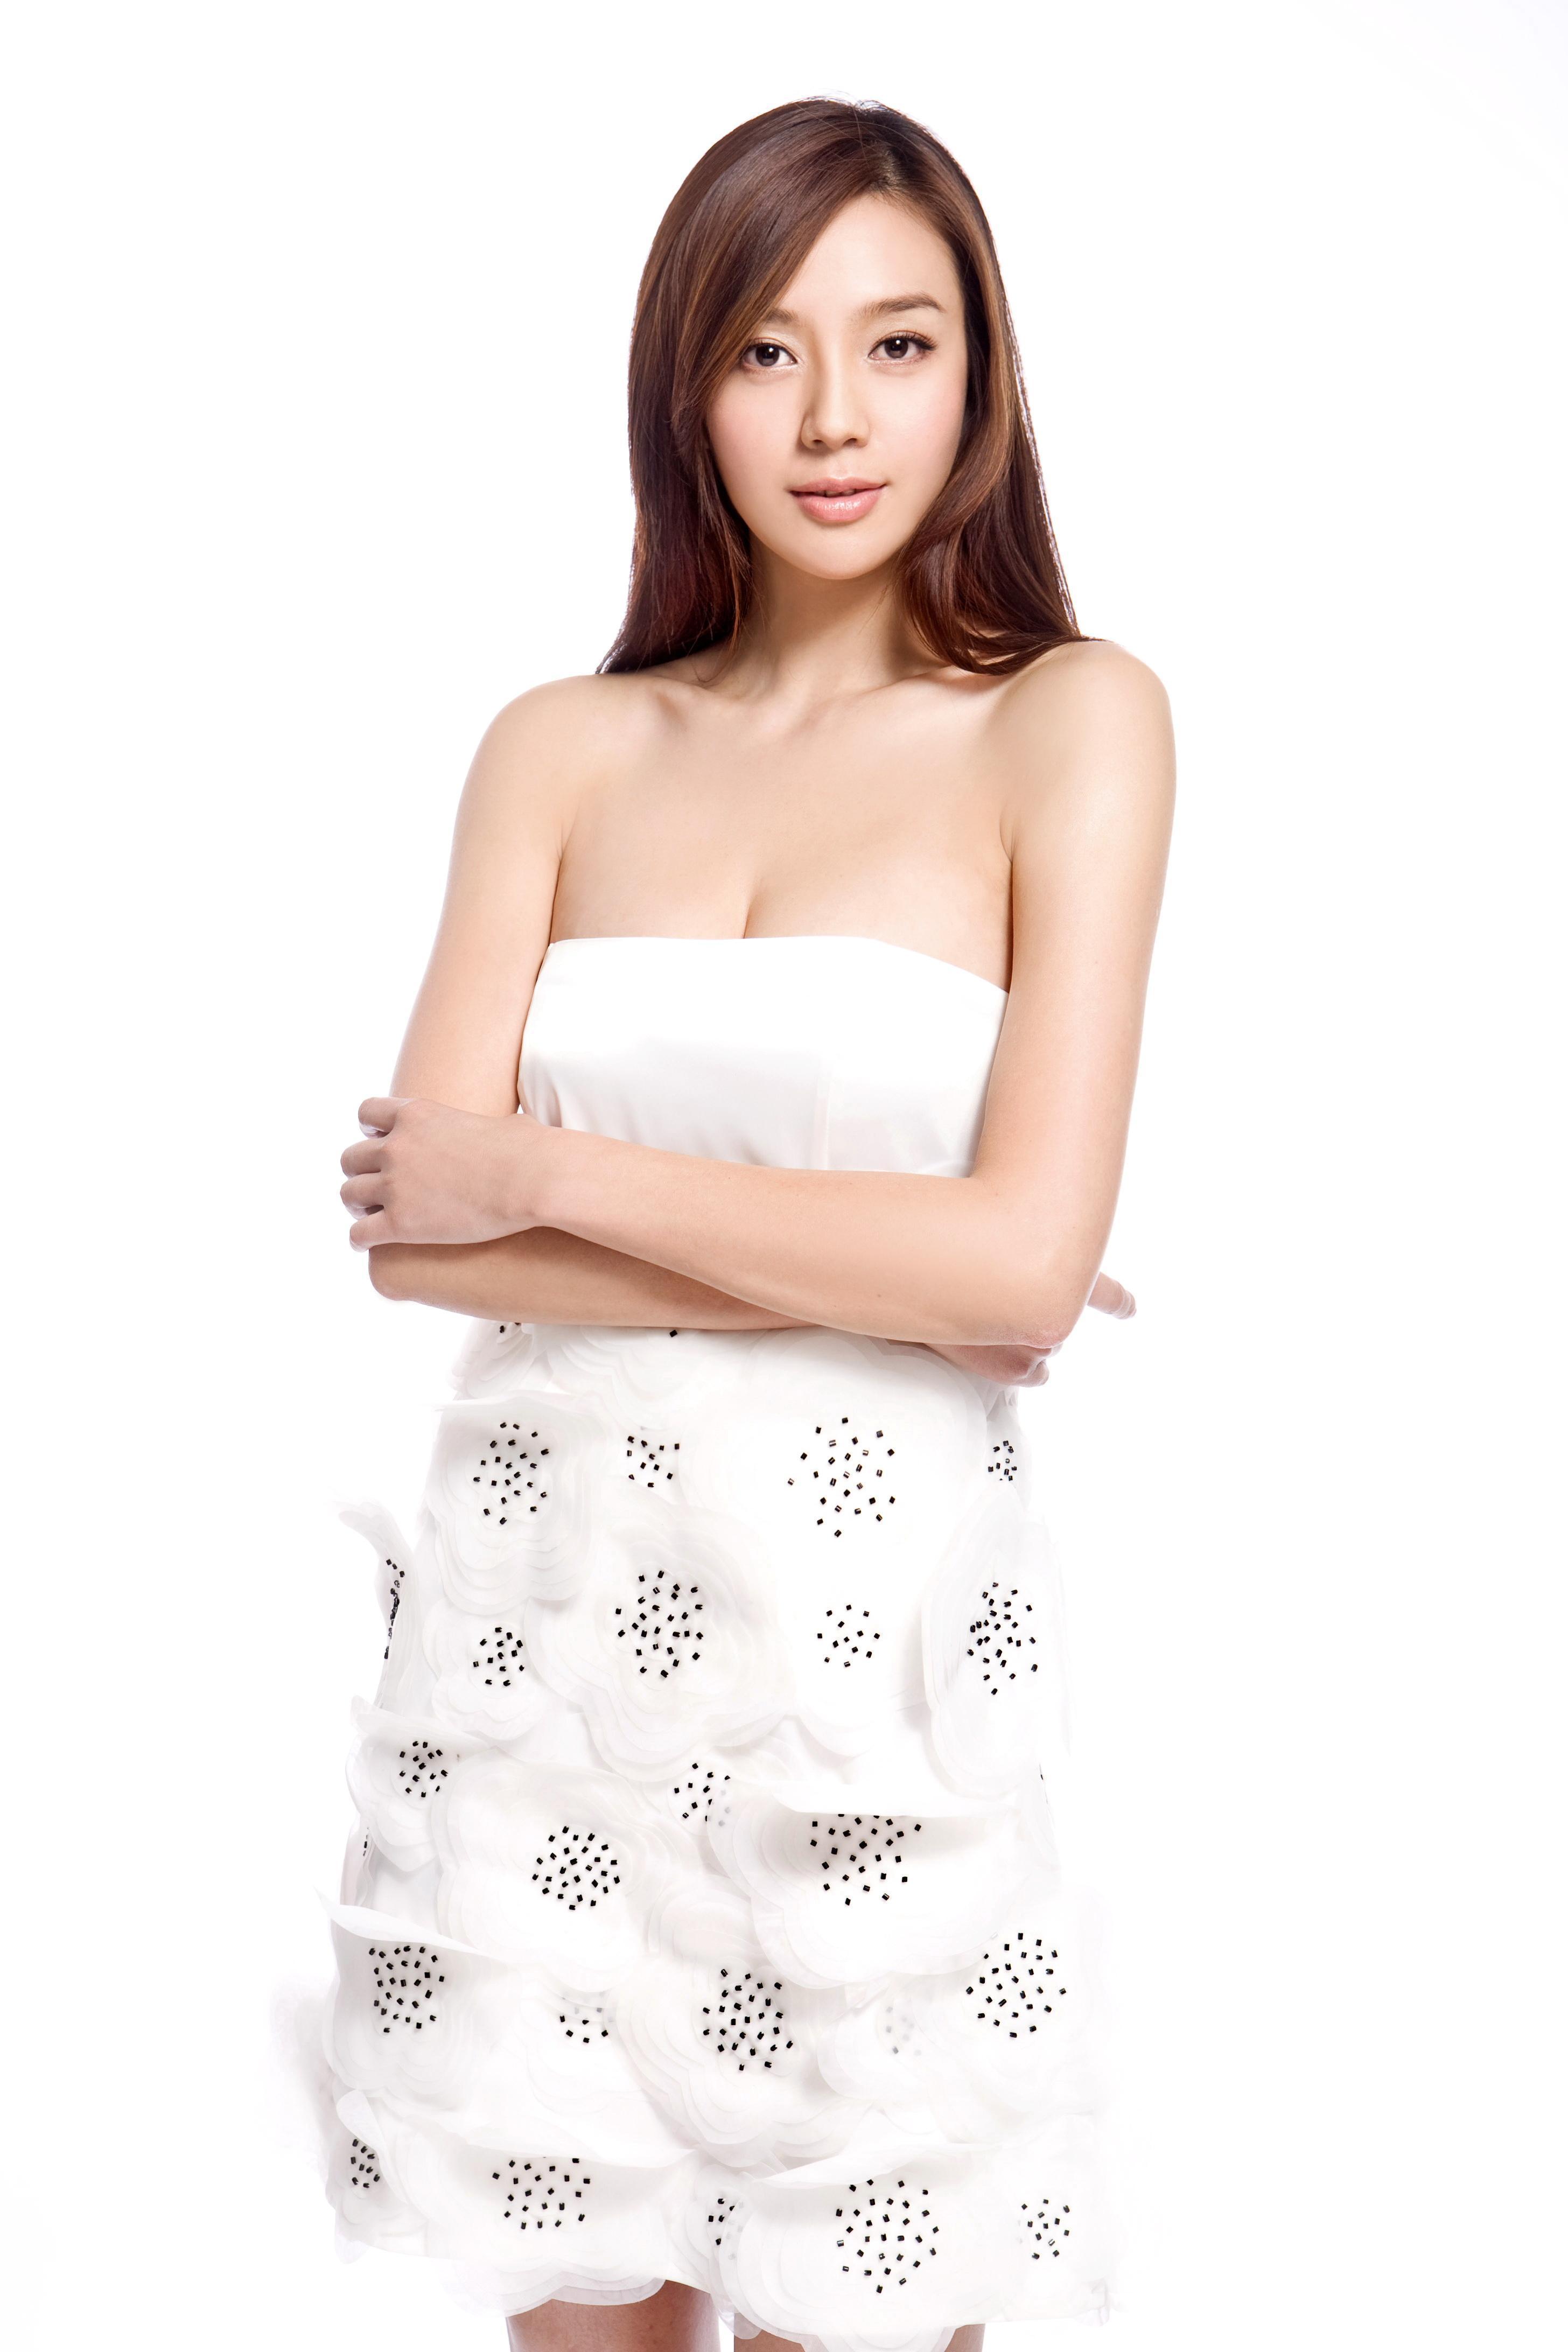 模特行业闯荡多年, 2010年10月曾登上台湾版《男人帮图片